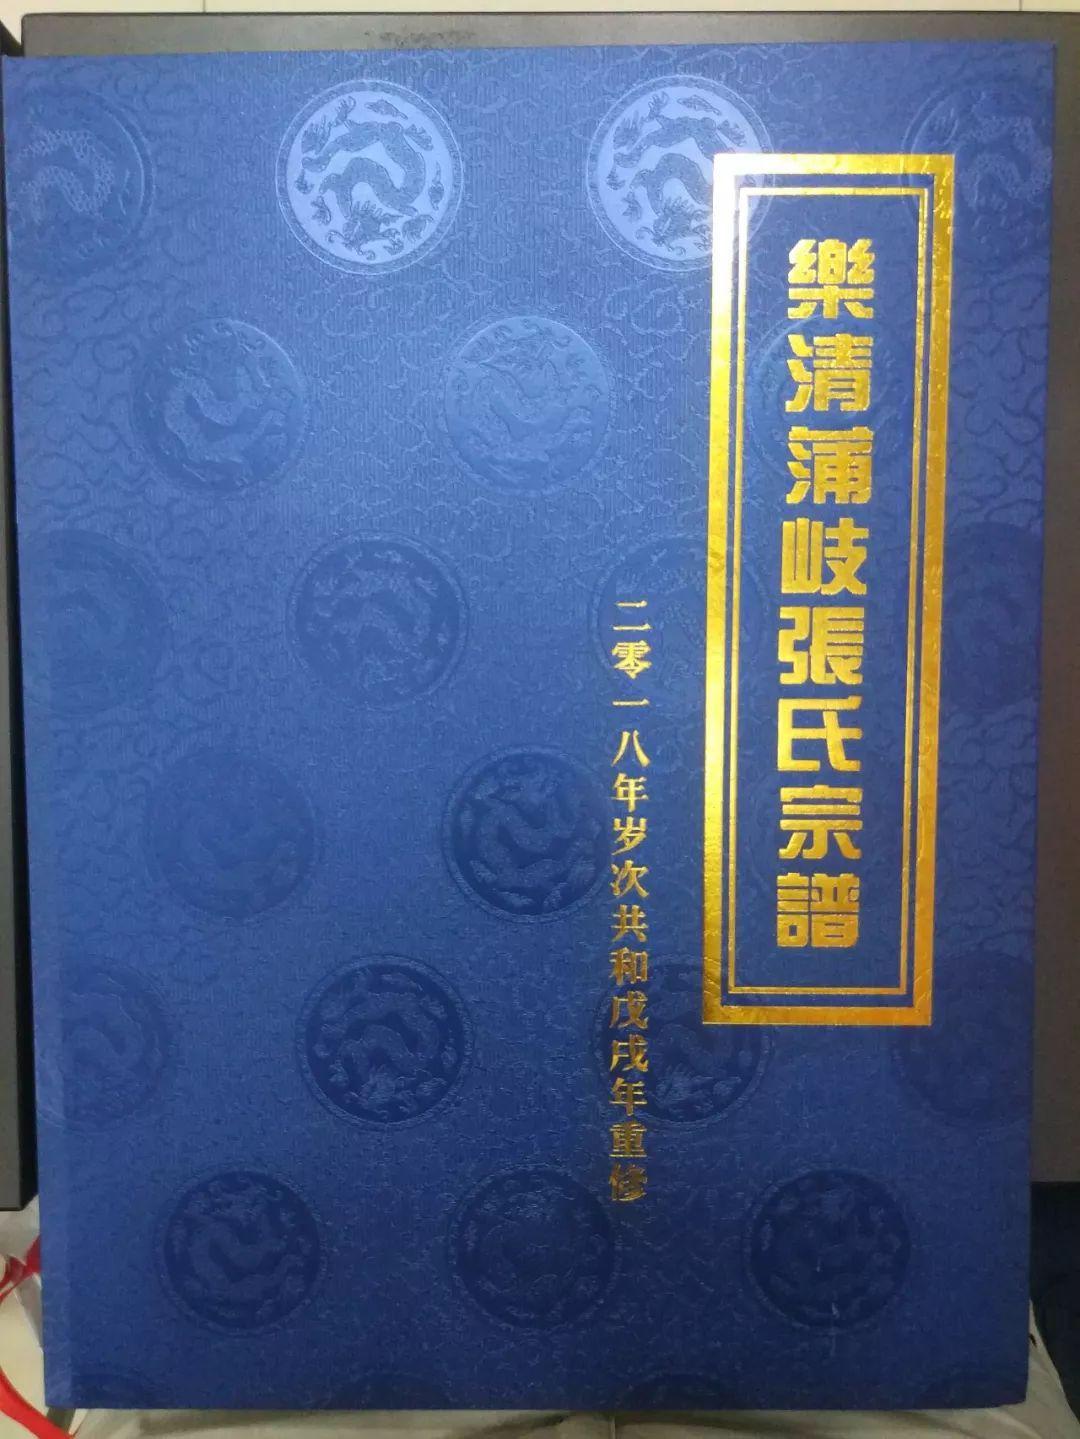 卢瓯武主编《乐清埔岐张氏宗谱》出版